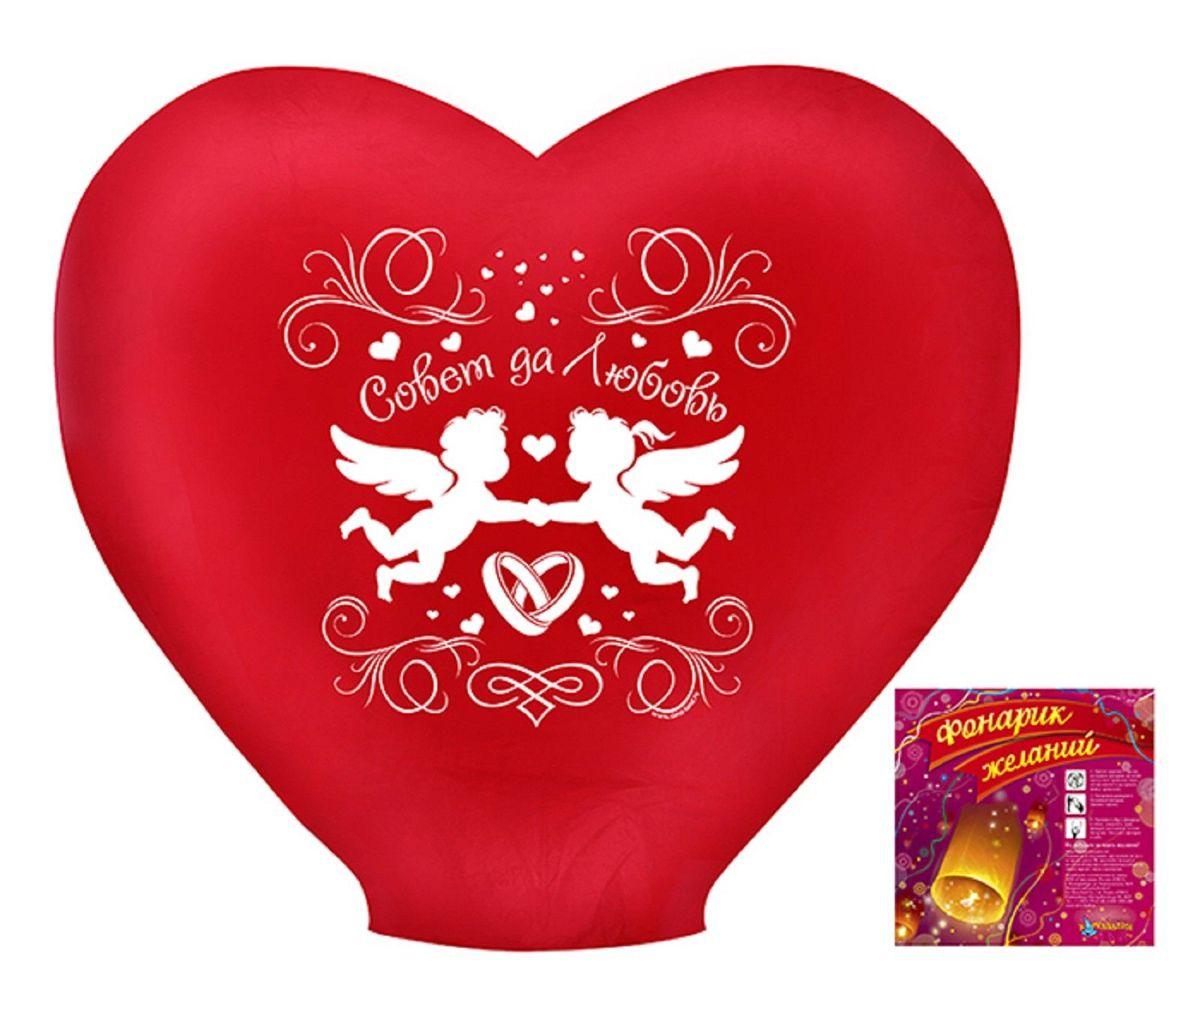 Фонарик бумажный Страна Карнавалия Совет да любовь!, цвет: красный329348Свадьба – самый значительный момент в жизни молодой пары и волшебный сказочный праздник, к которому готовятся с особой тщательностью. И, конечно же, в финале, на фоне стремительно темнеющего неба, можно устроить, уже ставший традицией, запуск множества фонариков желаний несущих радость и счастье молодым. Небесный фонарик – простой и изящный способ устроить фееричное завершение свадебного вечера. Фонарик устроен очень просто. Объёмная конструкция, сделанная из специальной экологически чистой бумаги, действует по принципу воздушного шара. Надежно закрепленная в нижней части бумажного купола горелка разогревает воздух внутри фонарика, поднимает его вверх и эффектно подсвечивает изнутри, создавая таинственный ореол. Длительность полета составляет около 20 минут – за это время бумажный фонарик поднимается на высоту до 200 метров, и с земли Вы сможете наблюдать сначала огненный шар, а потом яркую светящуюся точку, курсирующую по небу. Дарите любимым счастье.